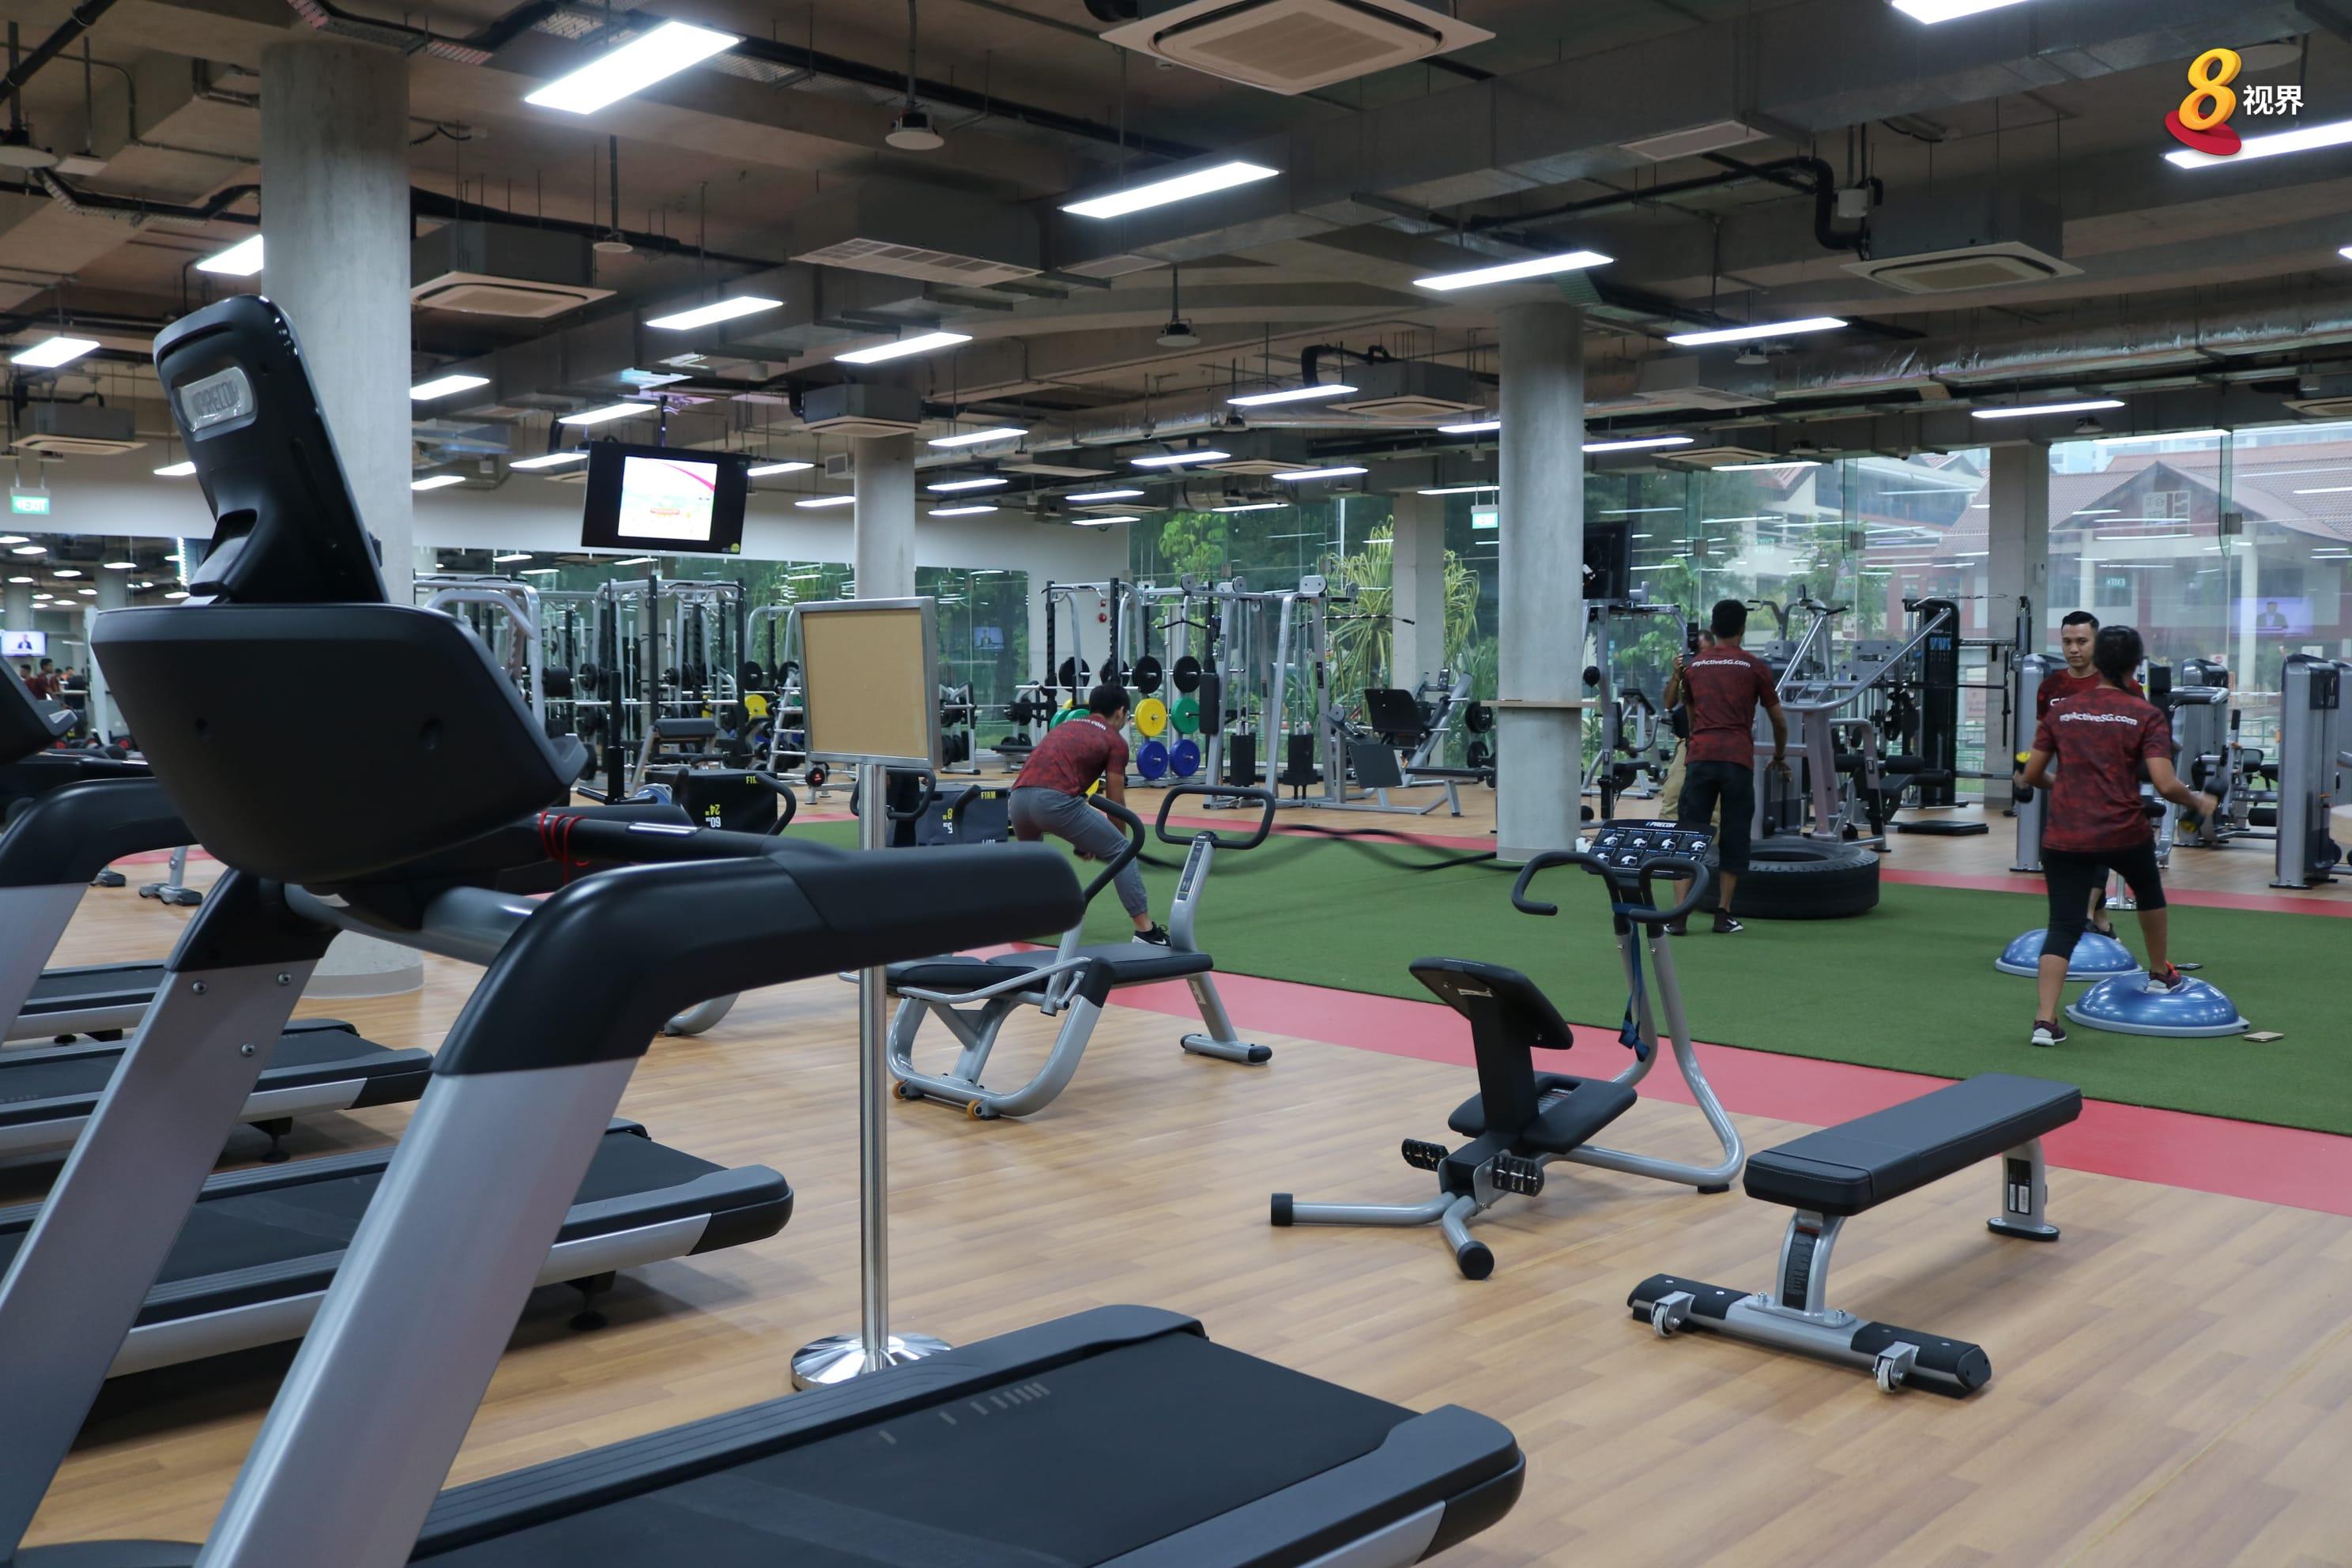 设备齐全的ActiveSG健身房8视界.jpg